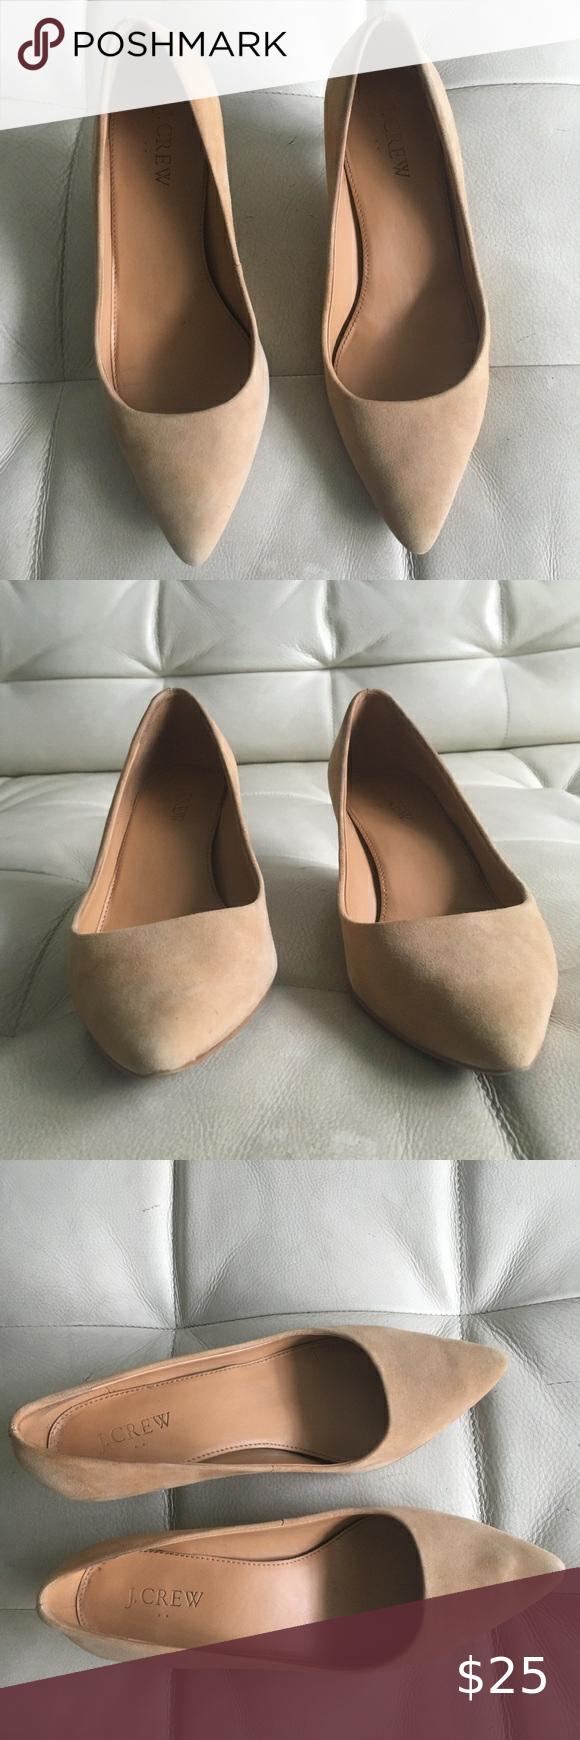 J Crew Factory Esme Suede Kitten Heels In 2020 Shoes Women Heels Heels Suede